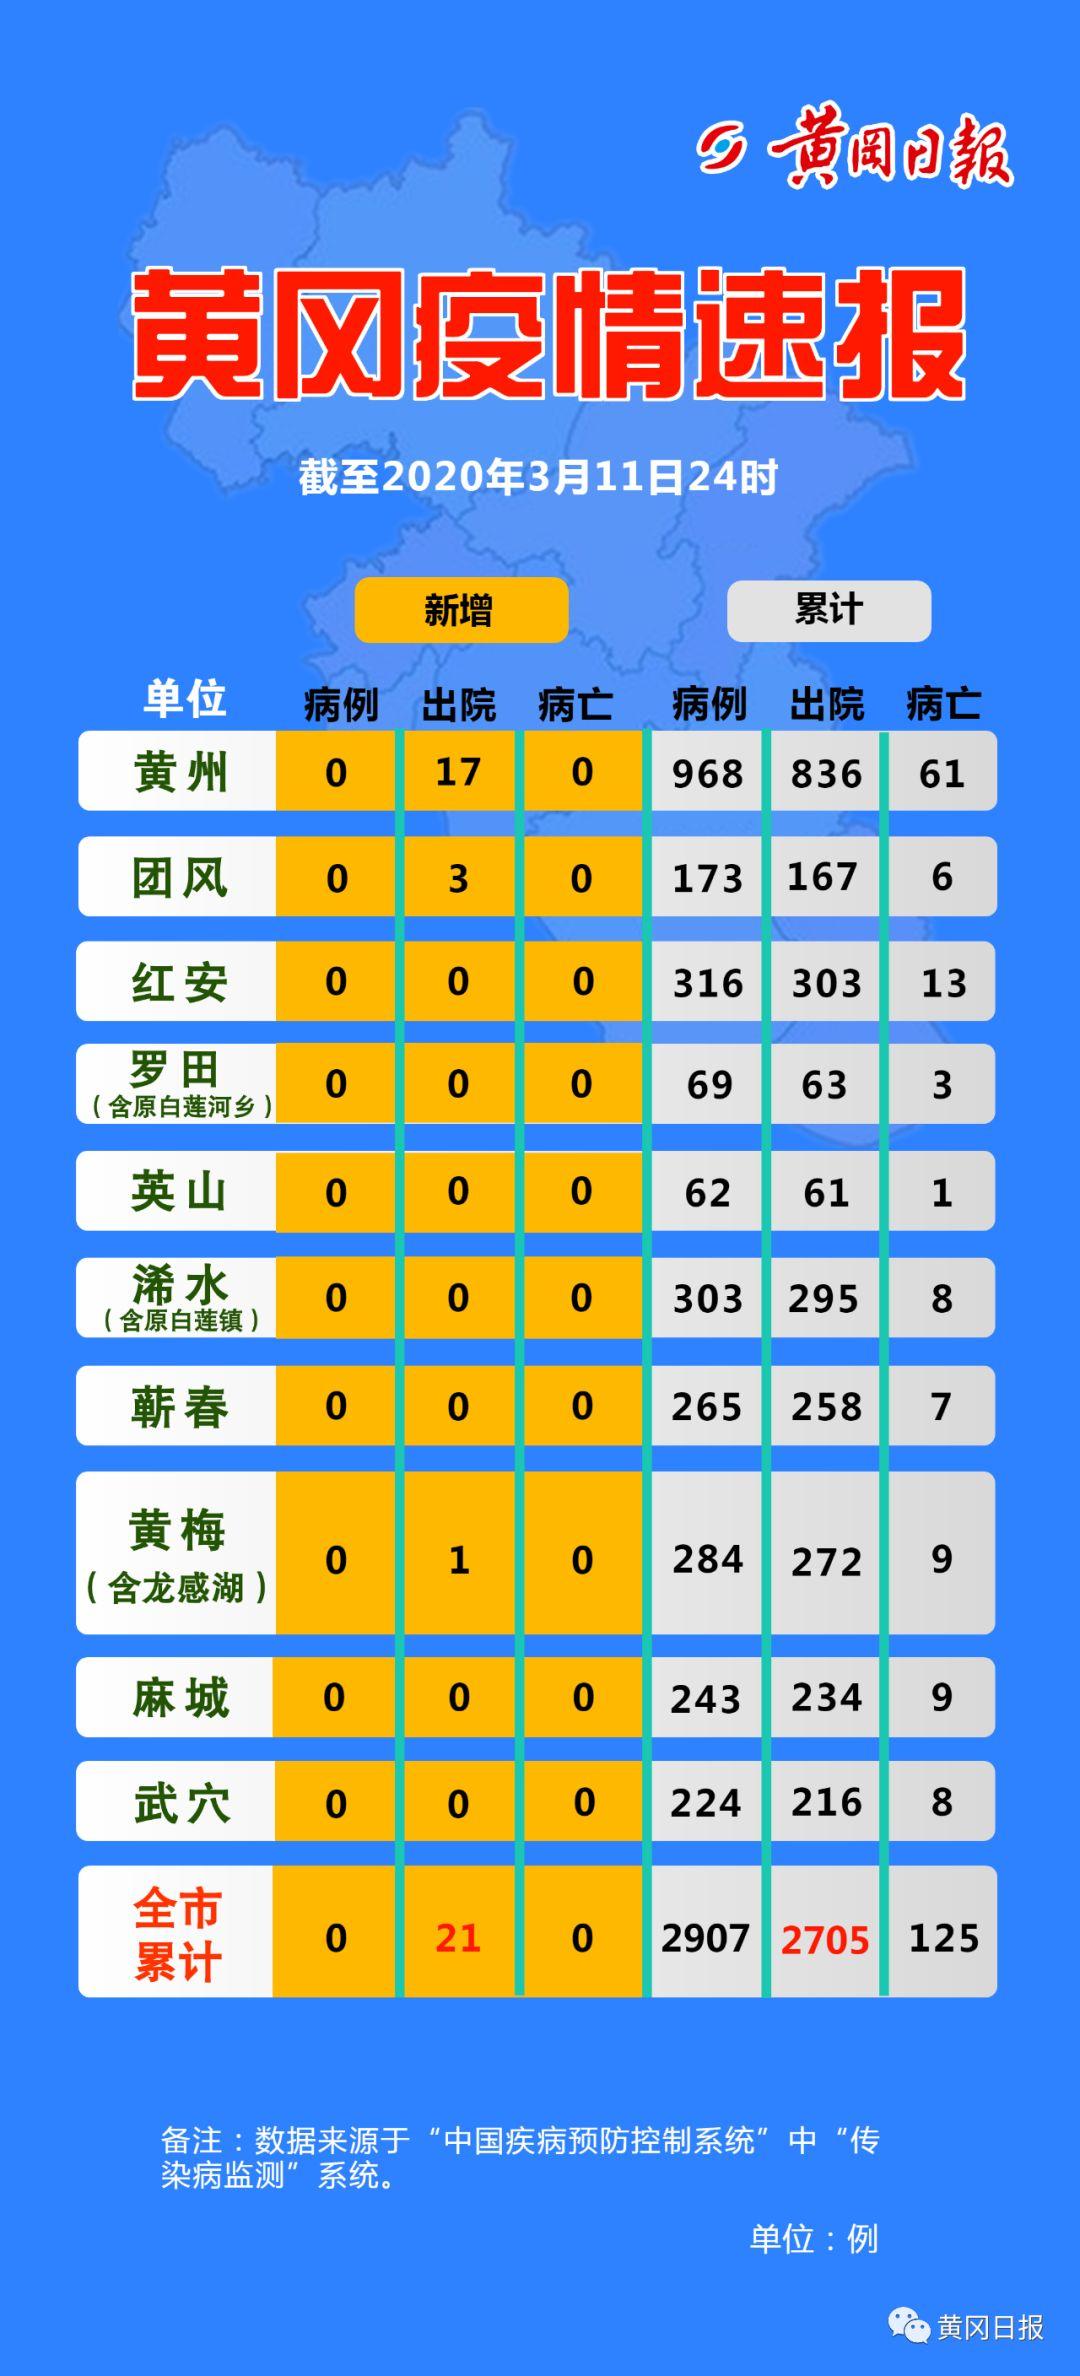 湖北黄石党建网_黄冈疫情速报!(3月12日)-中共黄梅县纪律检查委员会